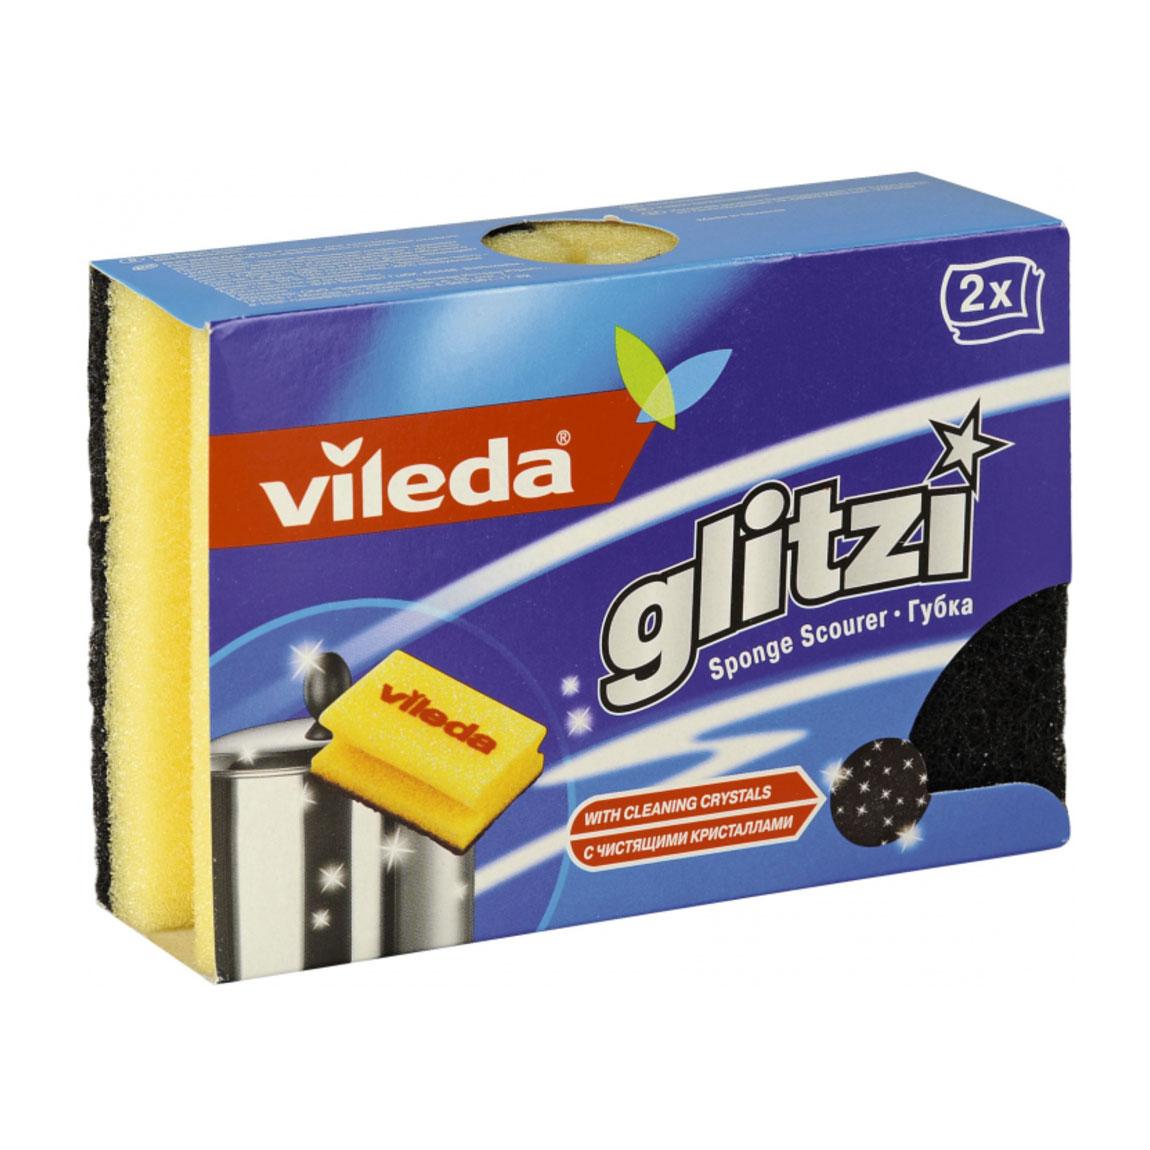 ����� Vileda Glitzi ��� �������� 2 ��